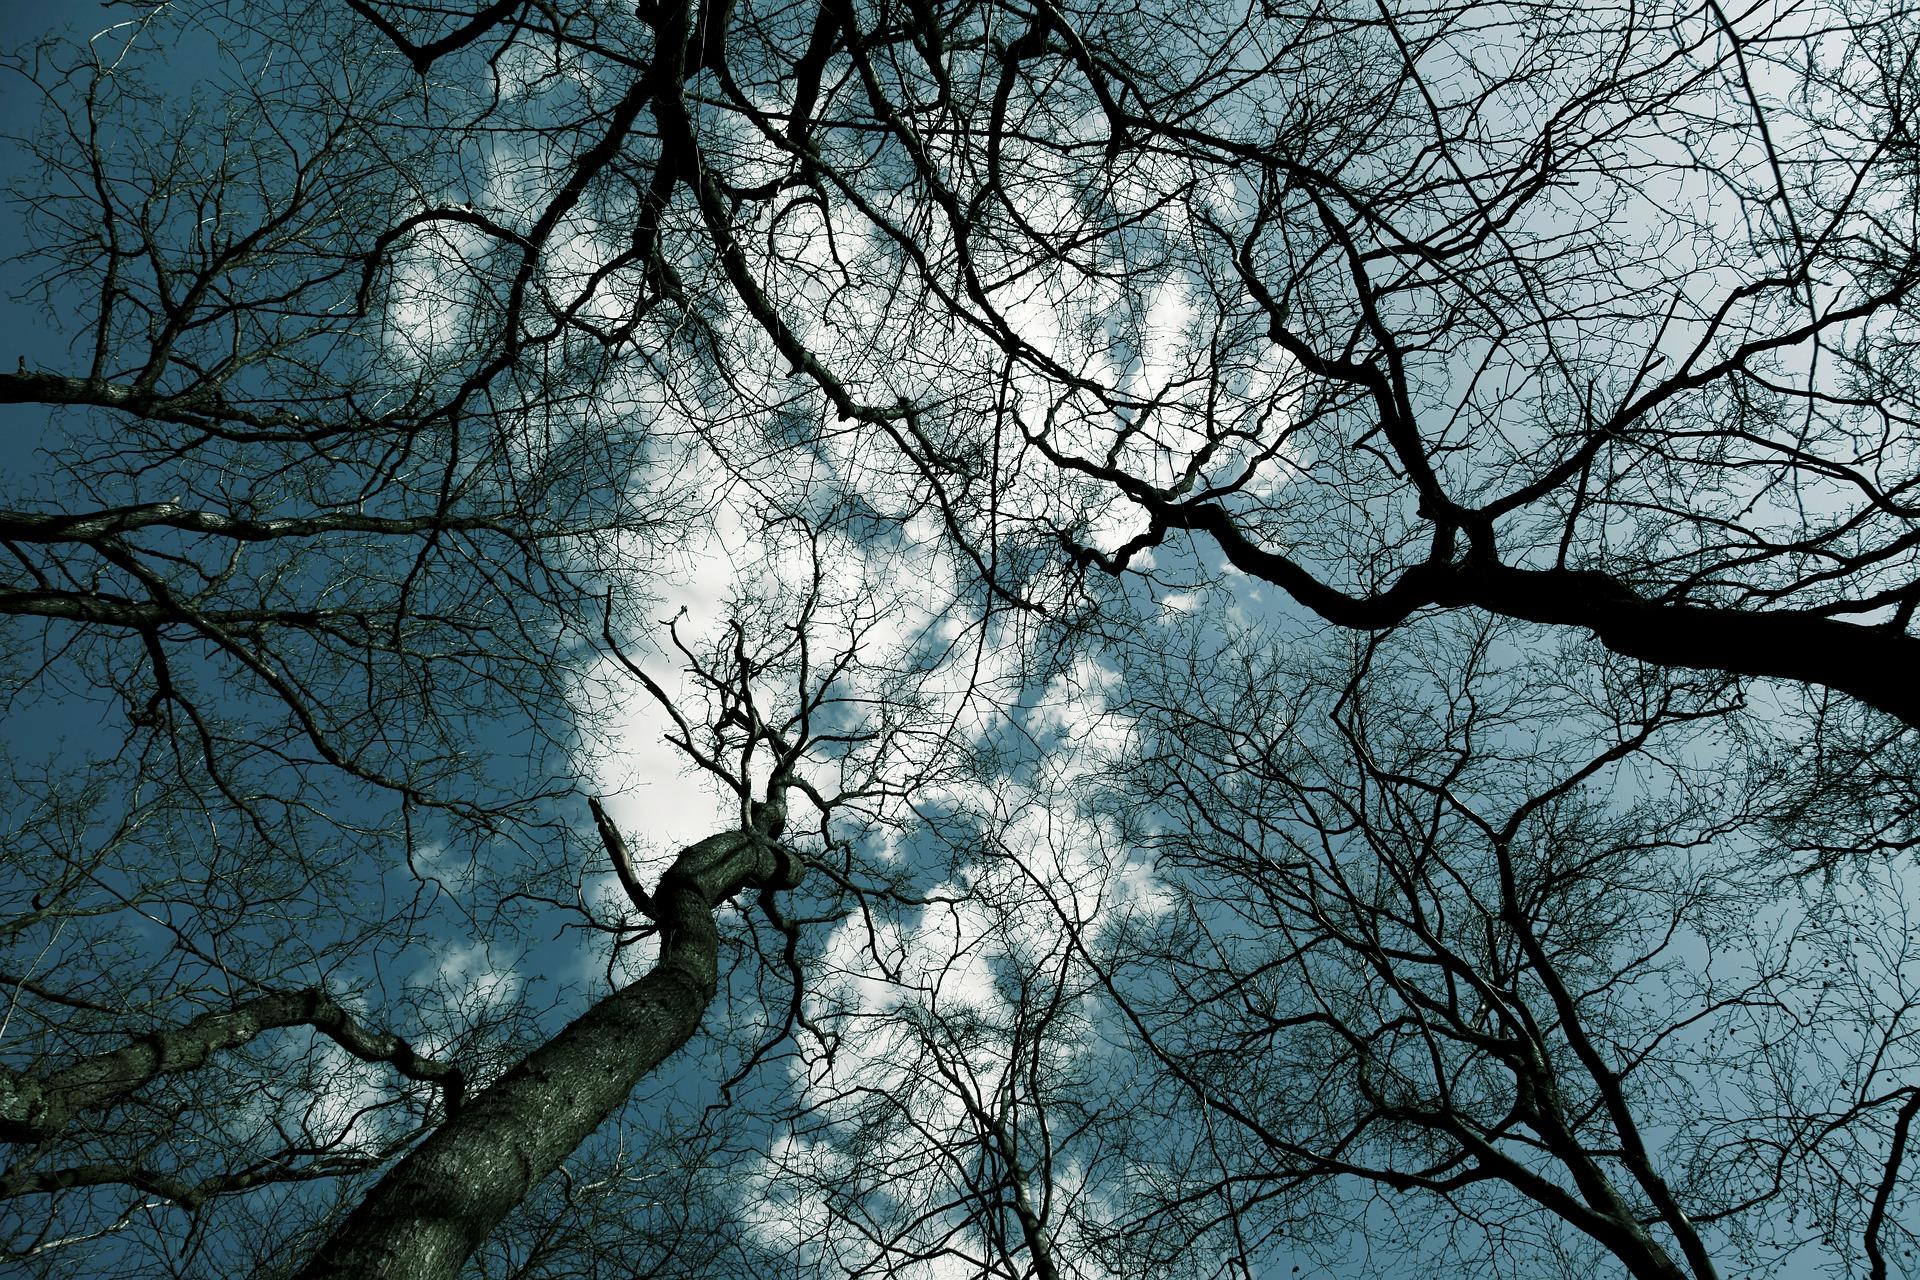 Baumperlen im Winter ernten oder nicht?